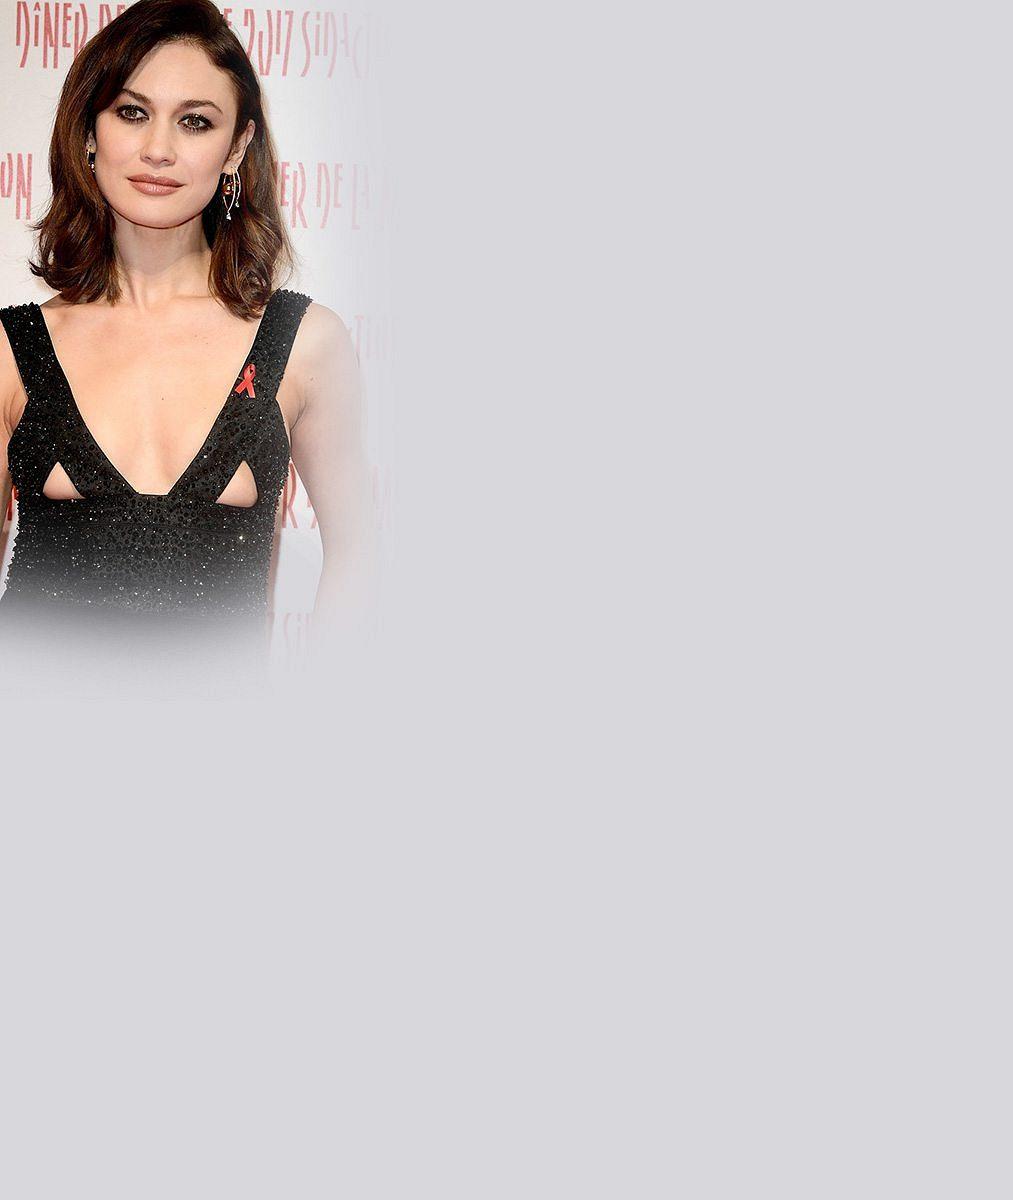 To tu ještě nebylo: Bývalá Bond girl (37) předvedla na červeném koberci holá ňadra trochu jinak